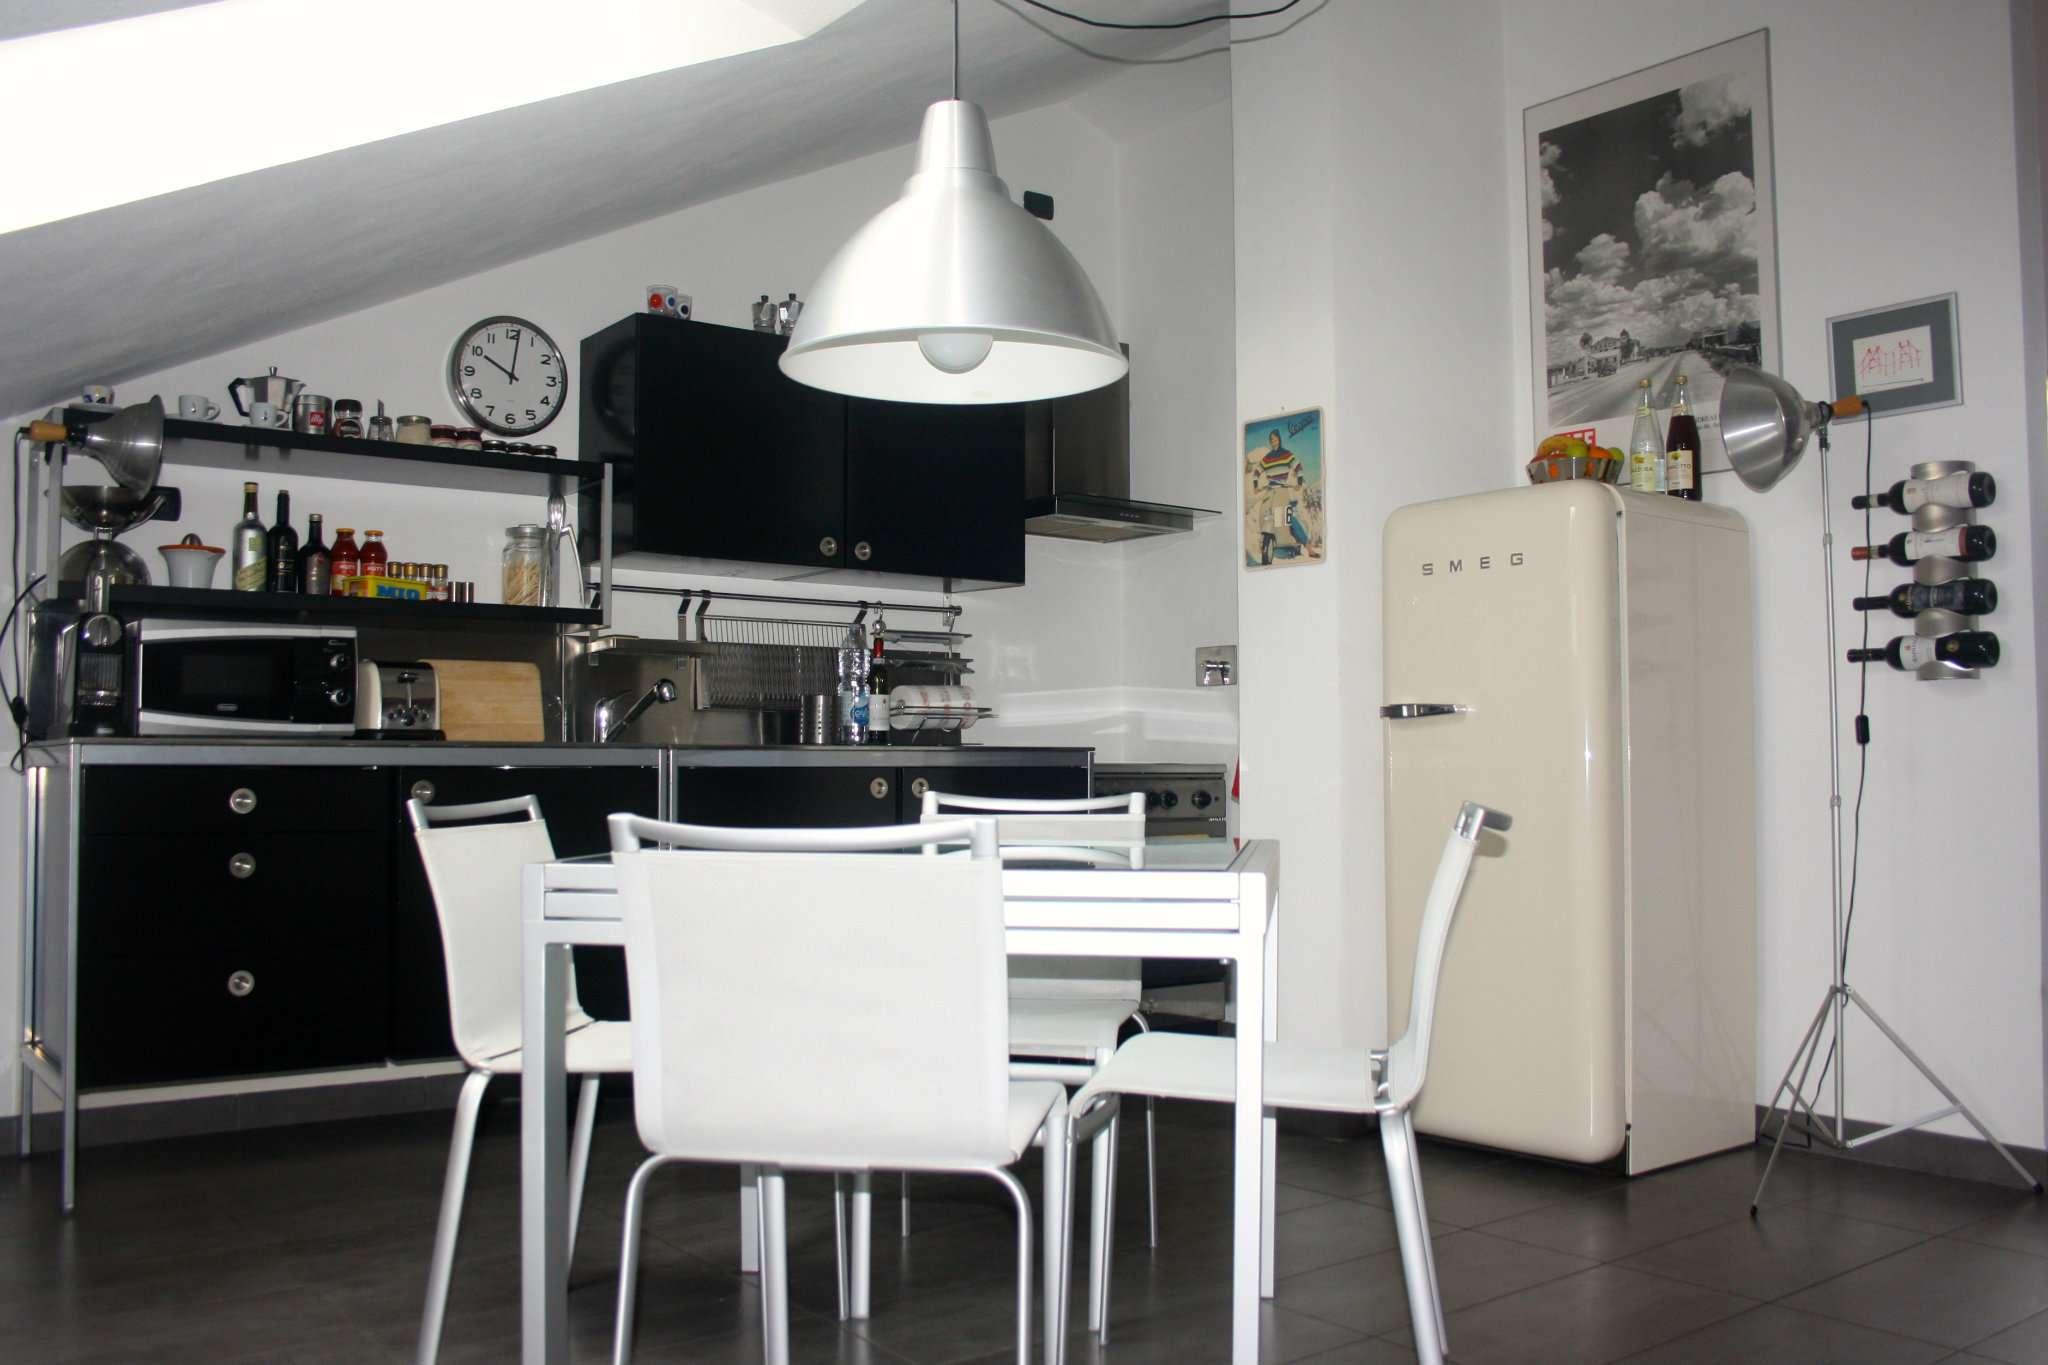 Appartamento in vendita a Bra, 3 locali, prezzo € 100.000 | CambioCasa.it